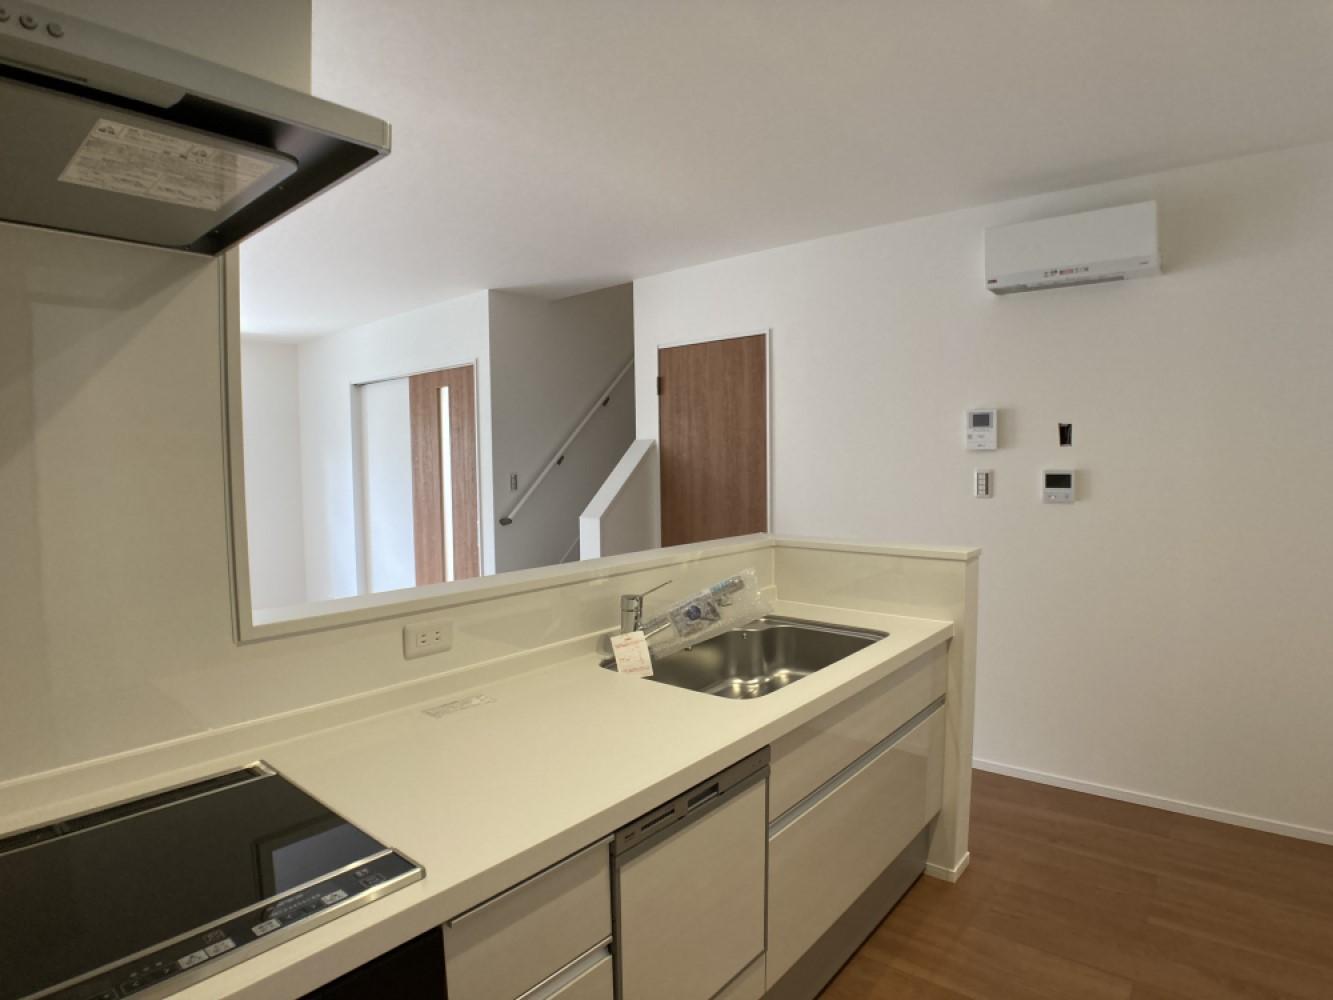 対面式キッチンは家事をしながら家族を見守り、コミュニケーションの取れる人気のスタイル。人造大理石カウンタートップで細かな傷も目立ちにくいです♪ ※施工事例です。